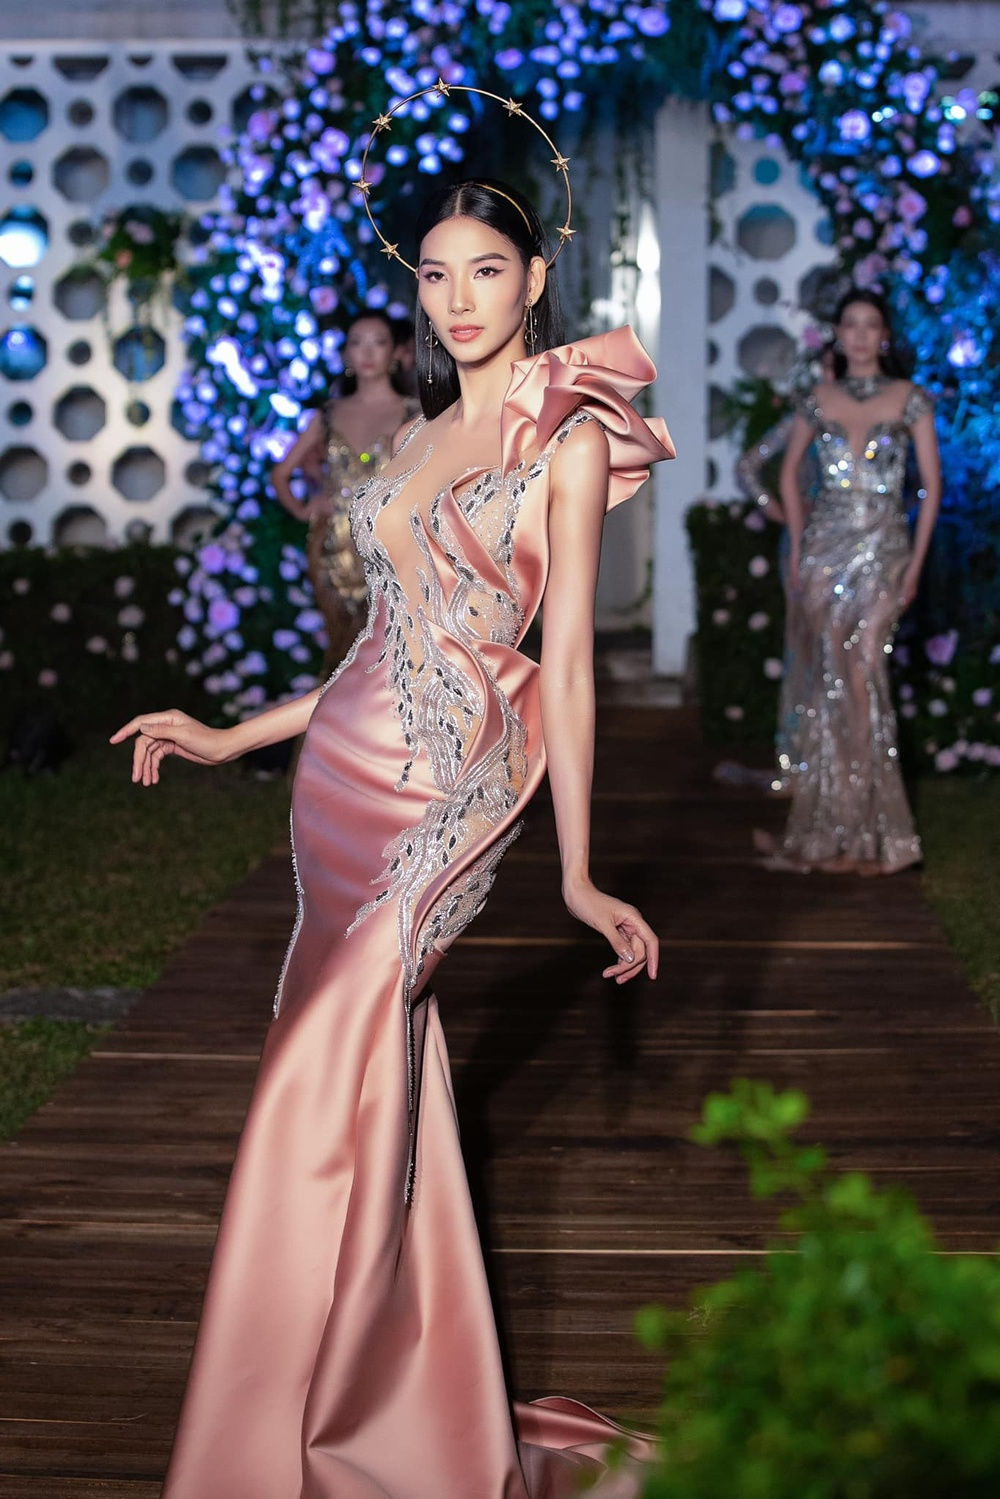 Hoàng Thùy bất ngờ ủng hộ Miss Universe Vietnam trao 2 vương miện cho 2 hoa hậu? Ảnh 6